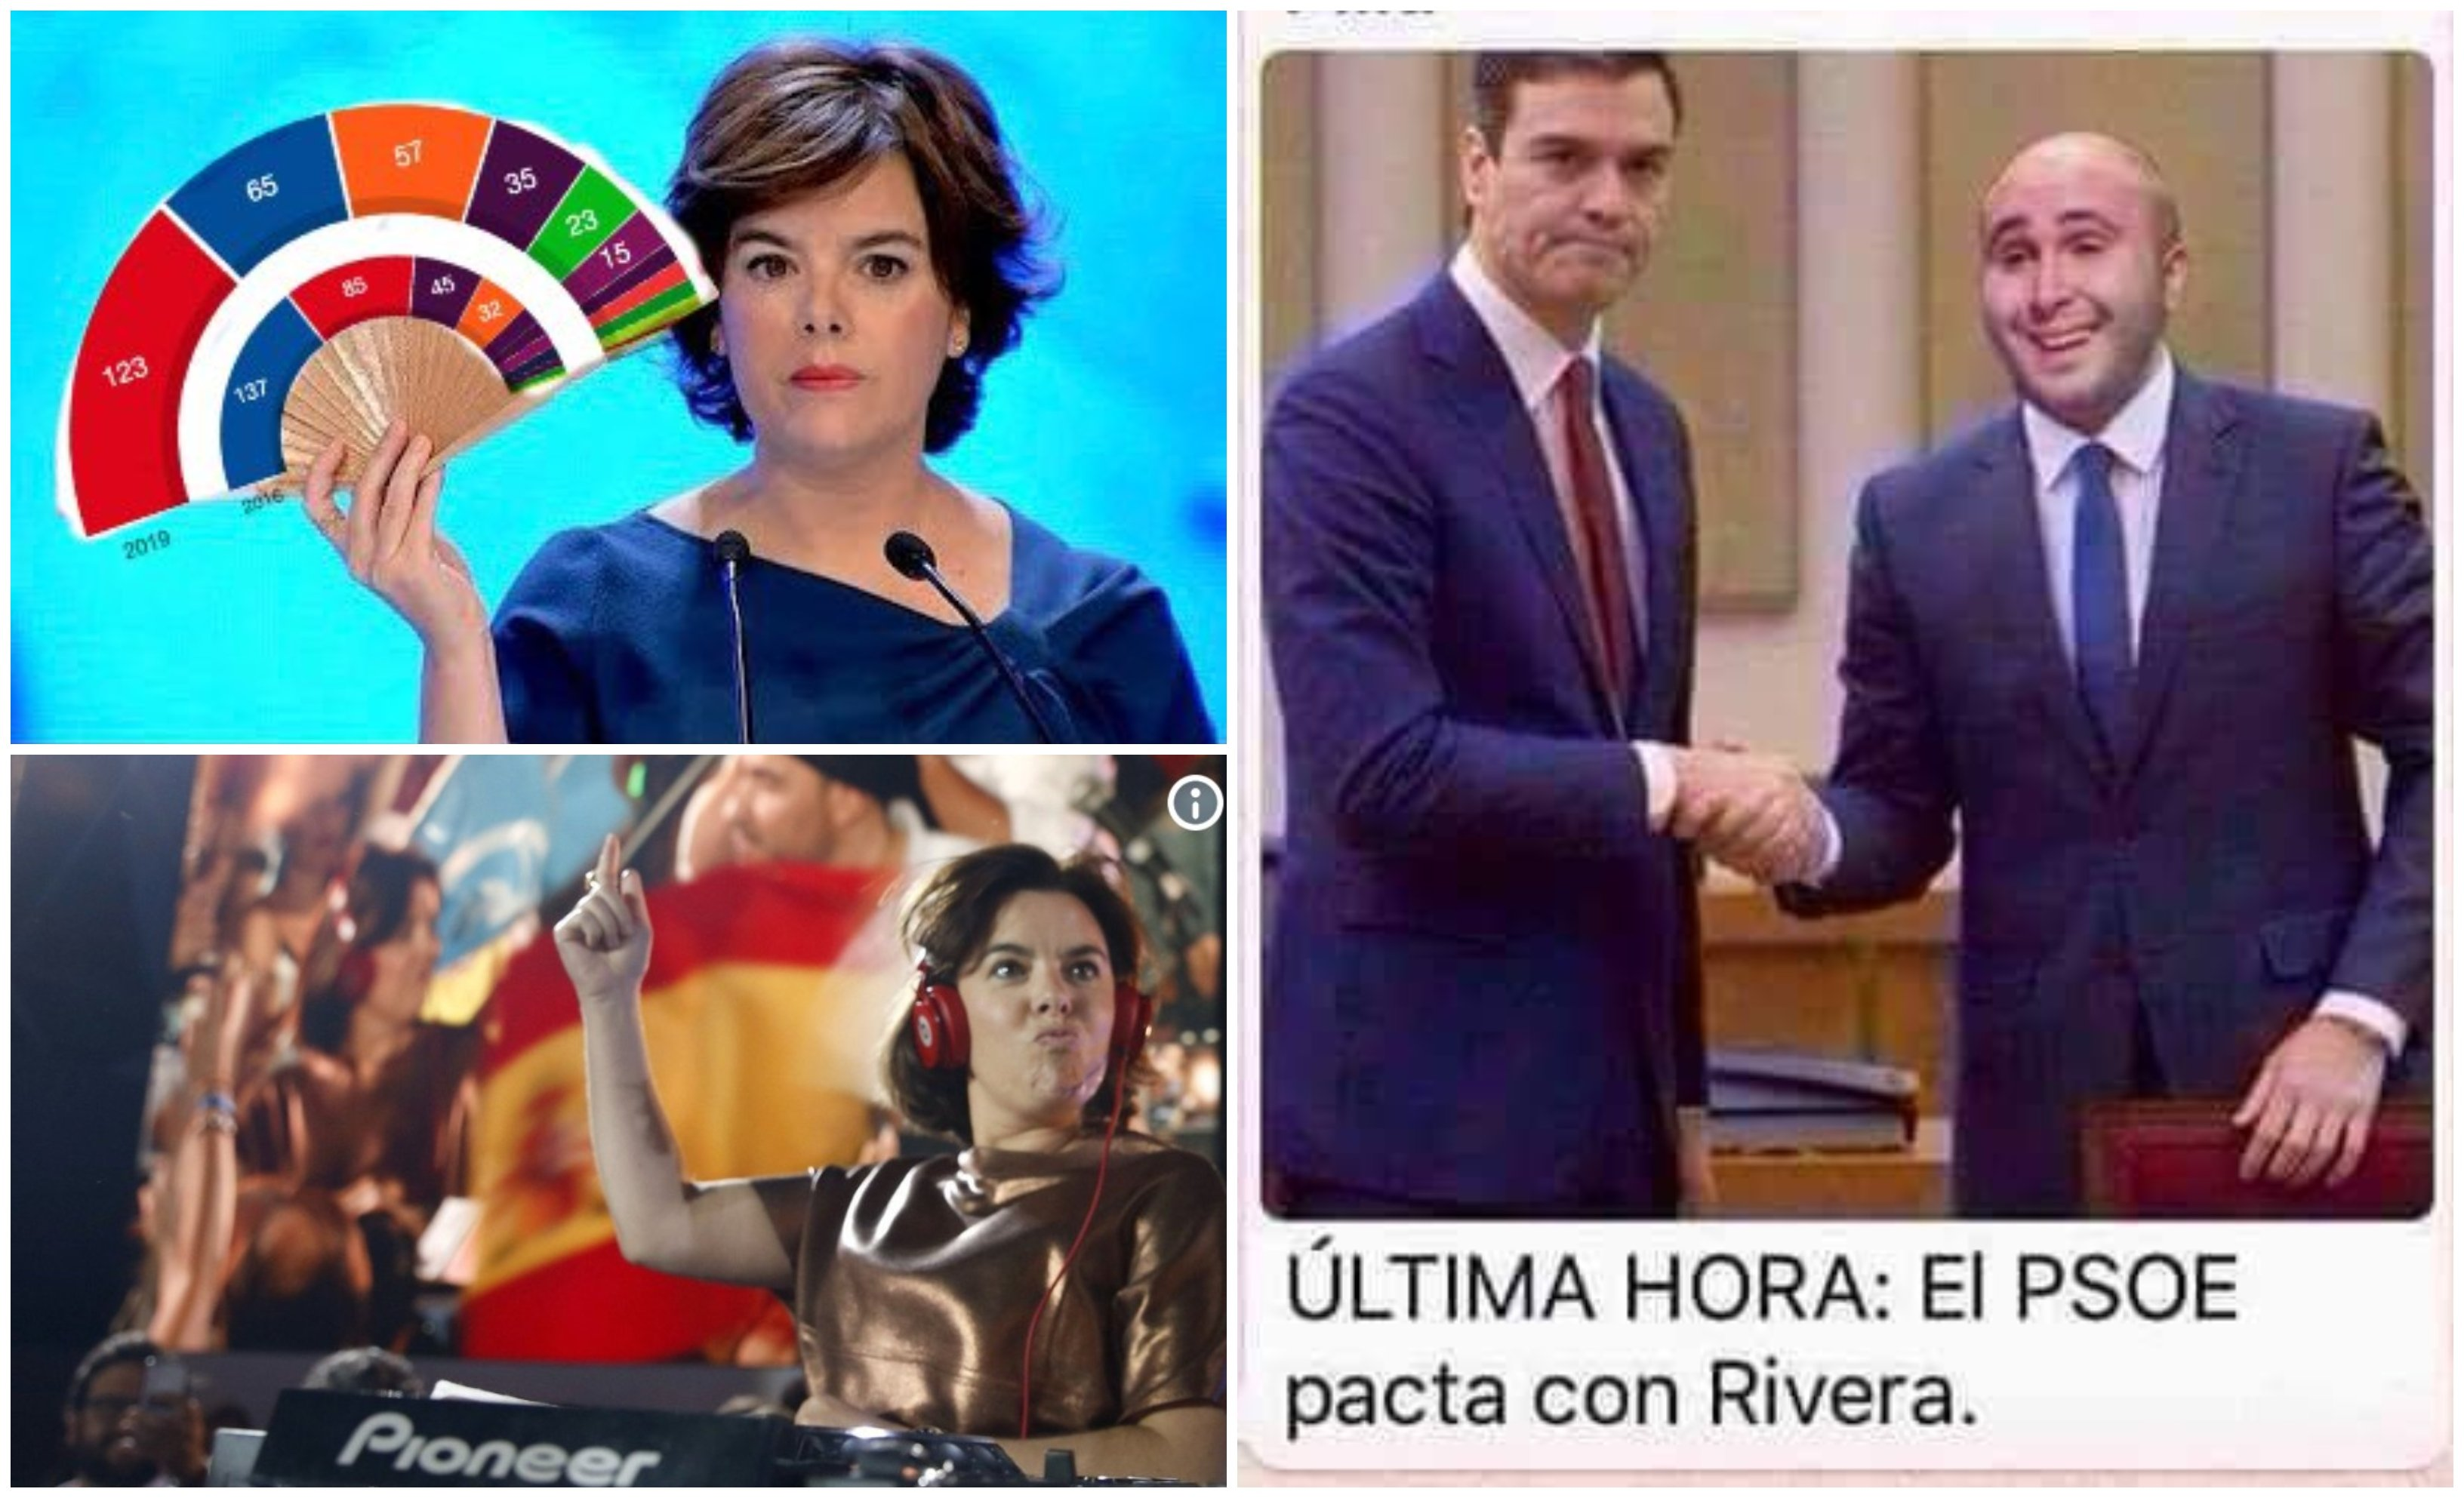 España en memes. 28 A